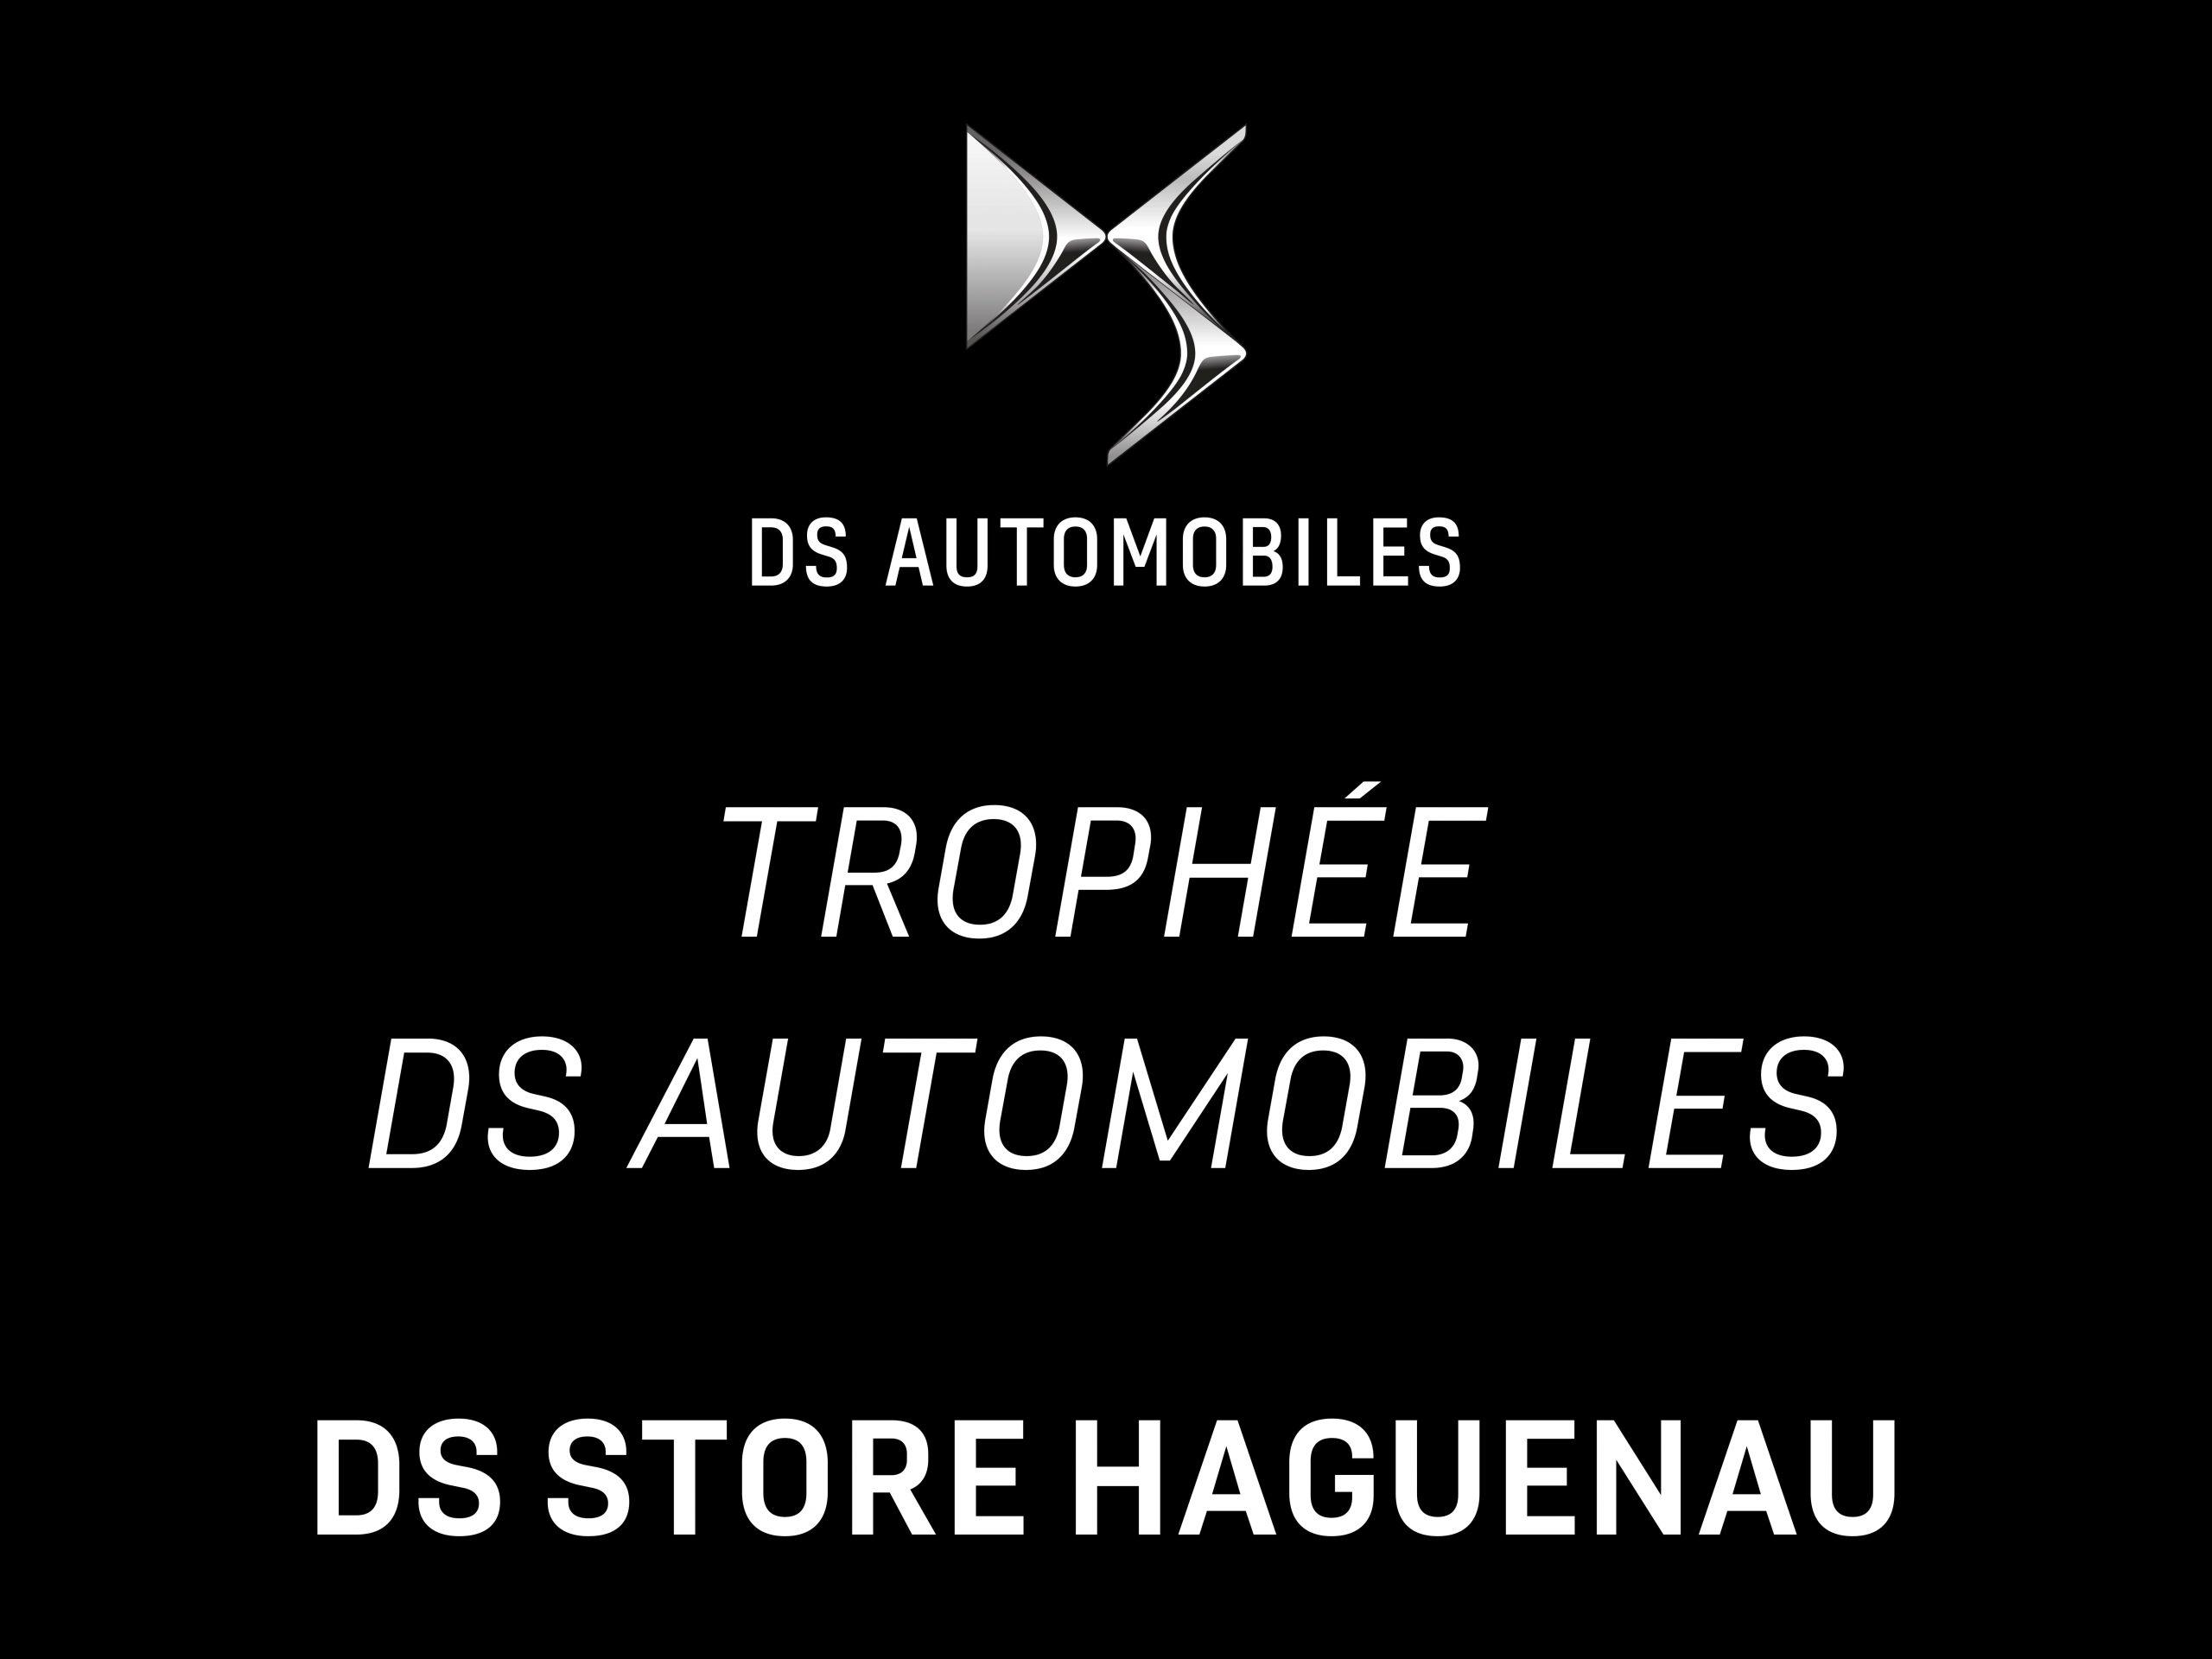 DS STORE HAGUENAU